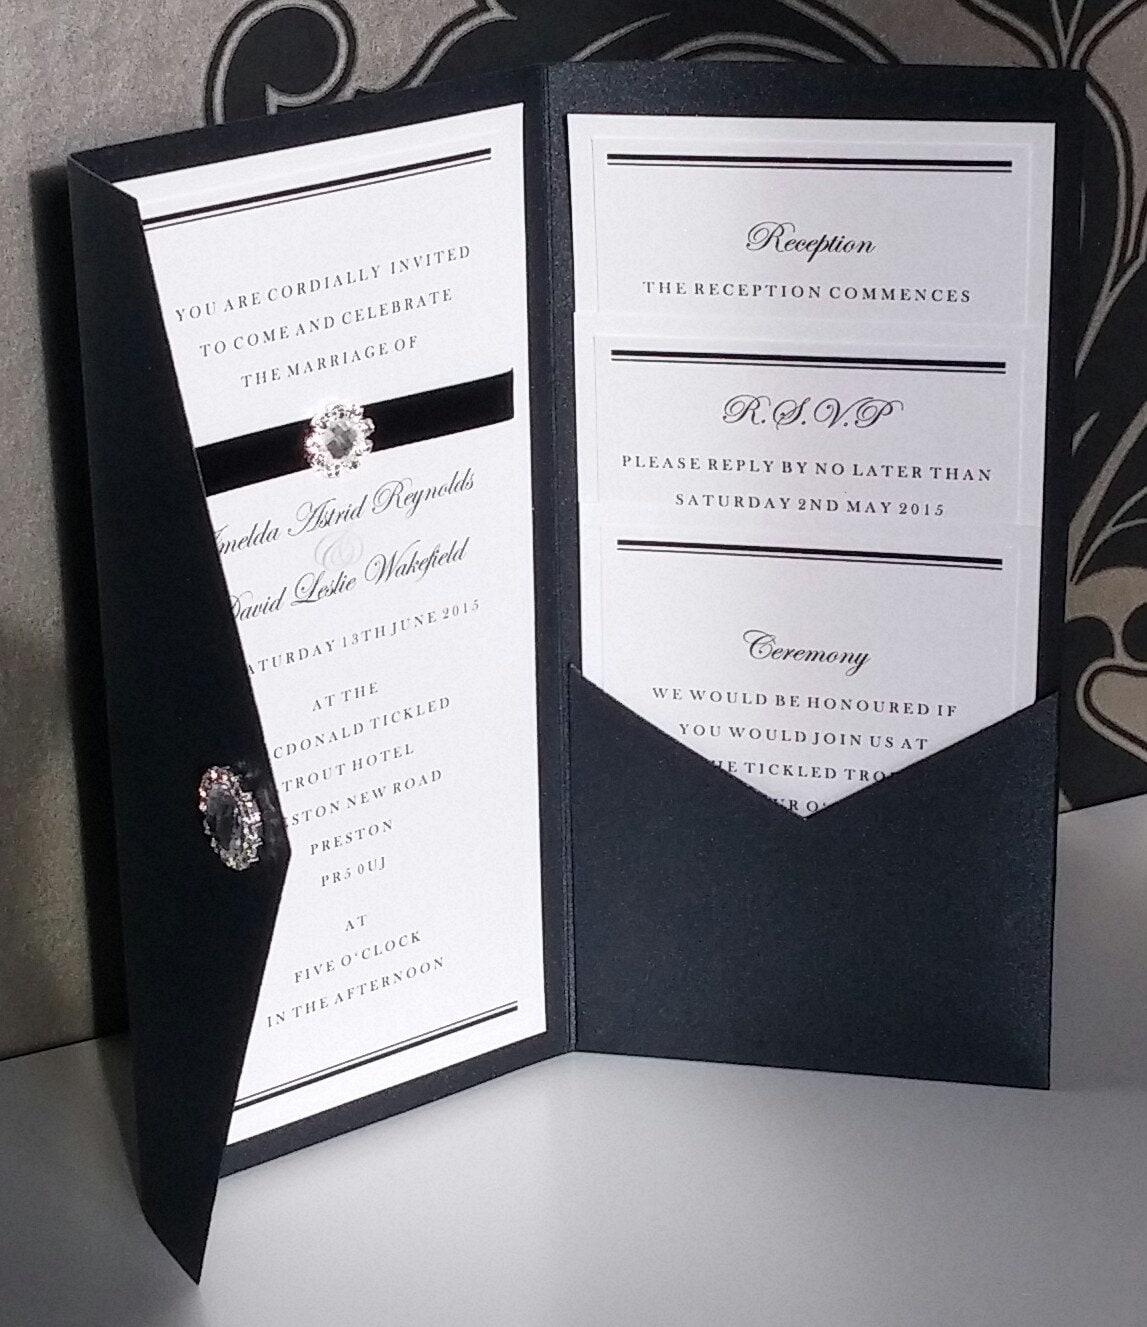 Black Tie Wedding Invitation Wording: Formal Black Tie Diamante Pocketfold Wedding